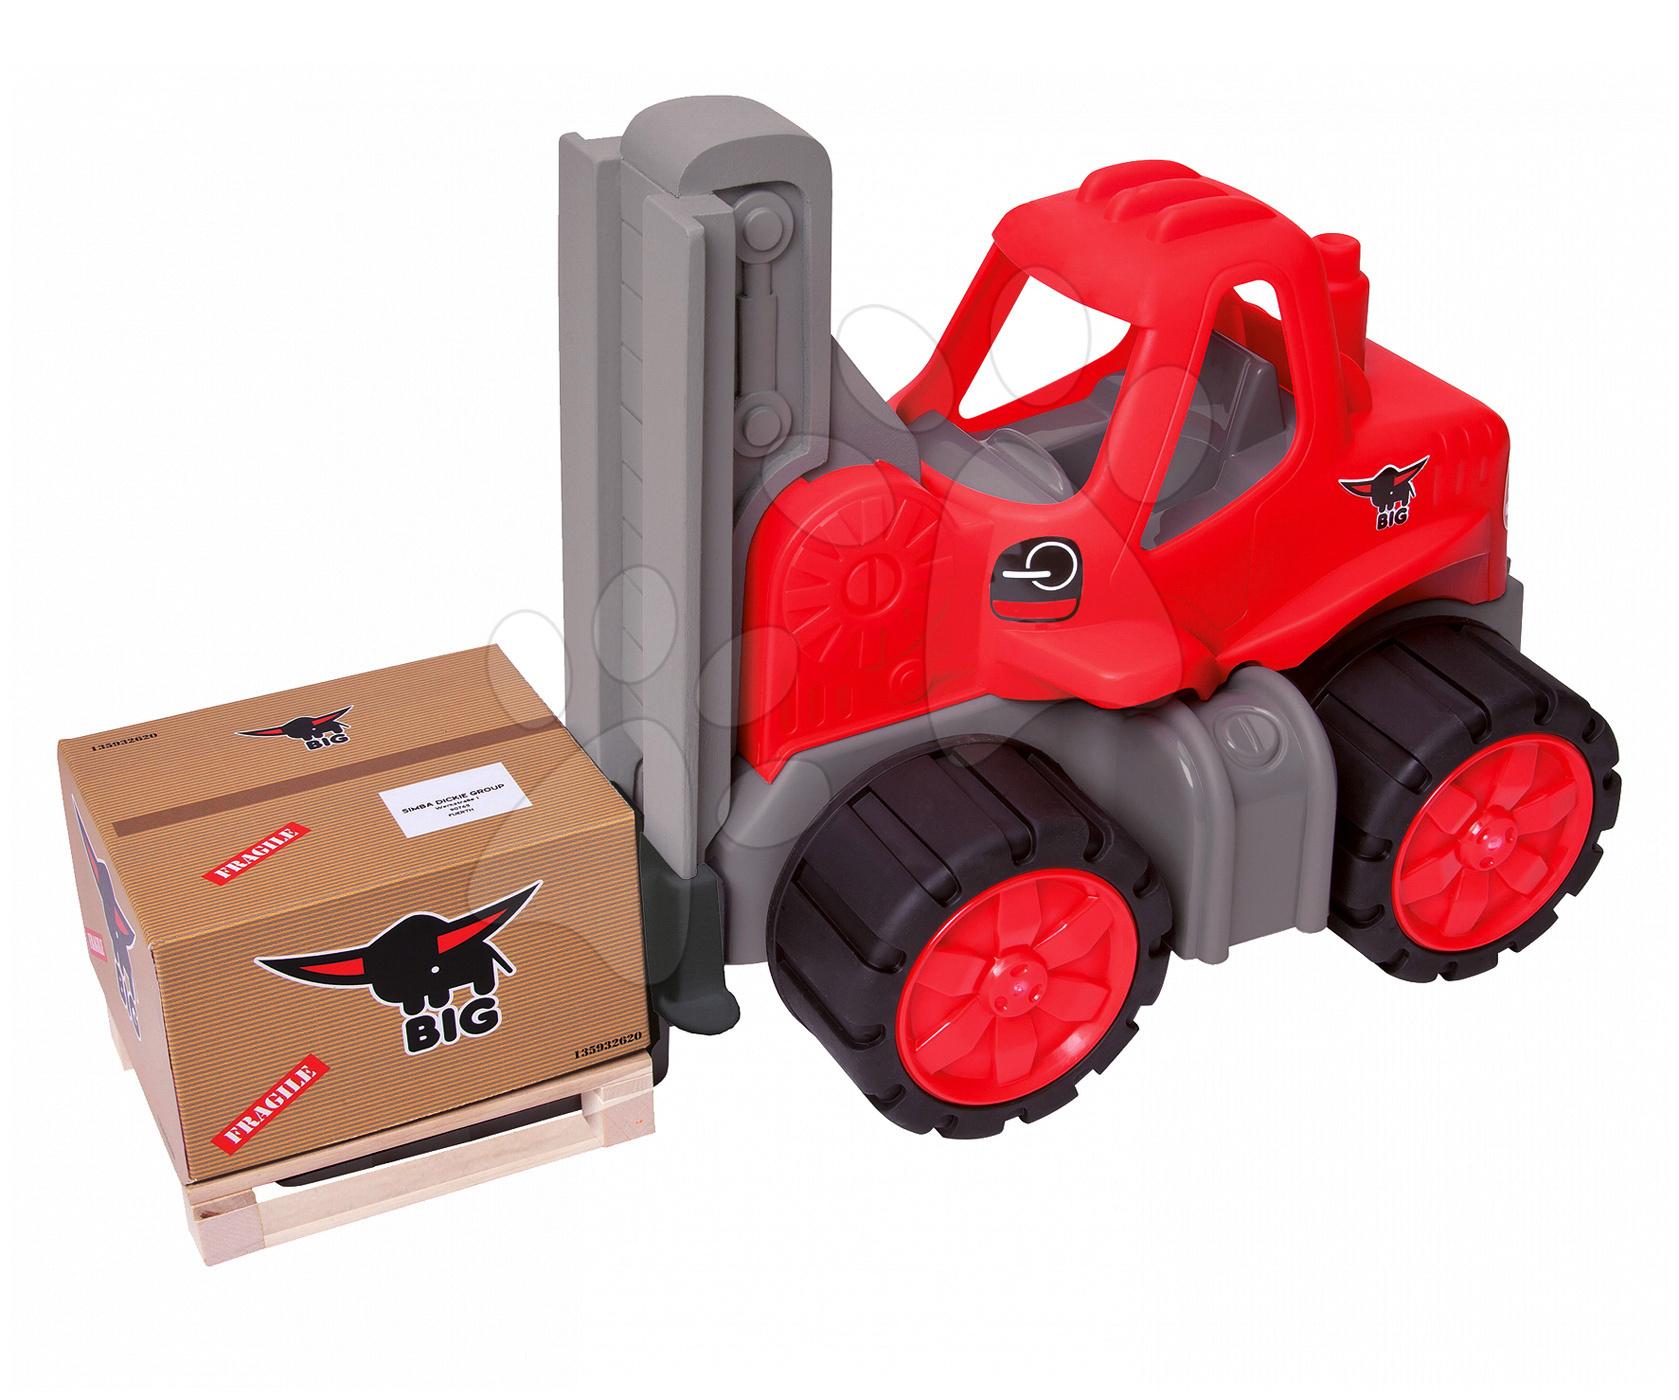 Stavebné stroje - Vysokozdvižný vozík Power BIG veľký dĺžka 42 cm červený od 24 mes